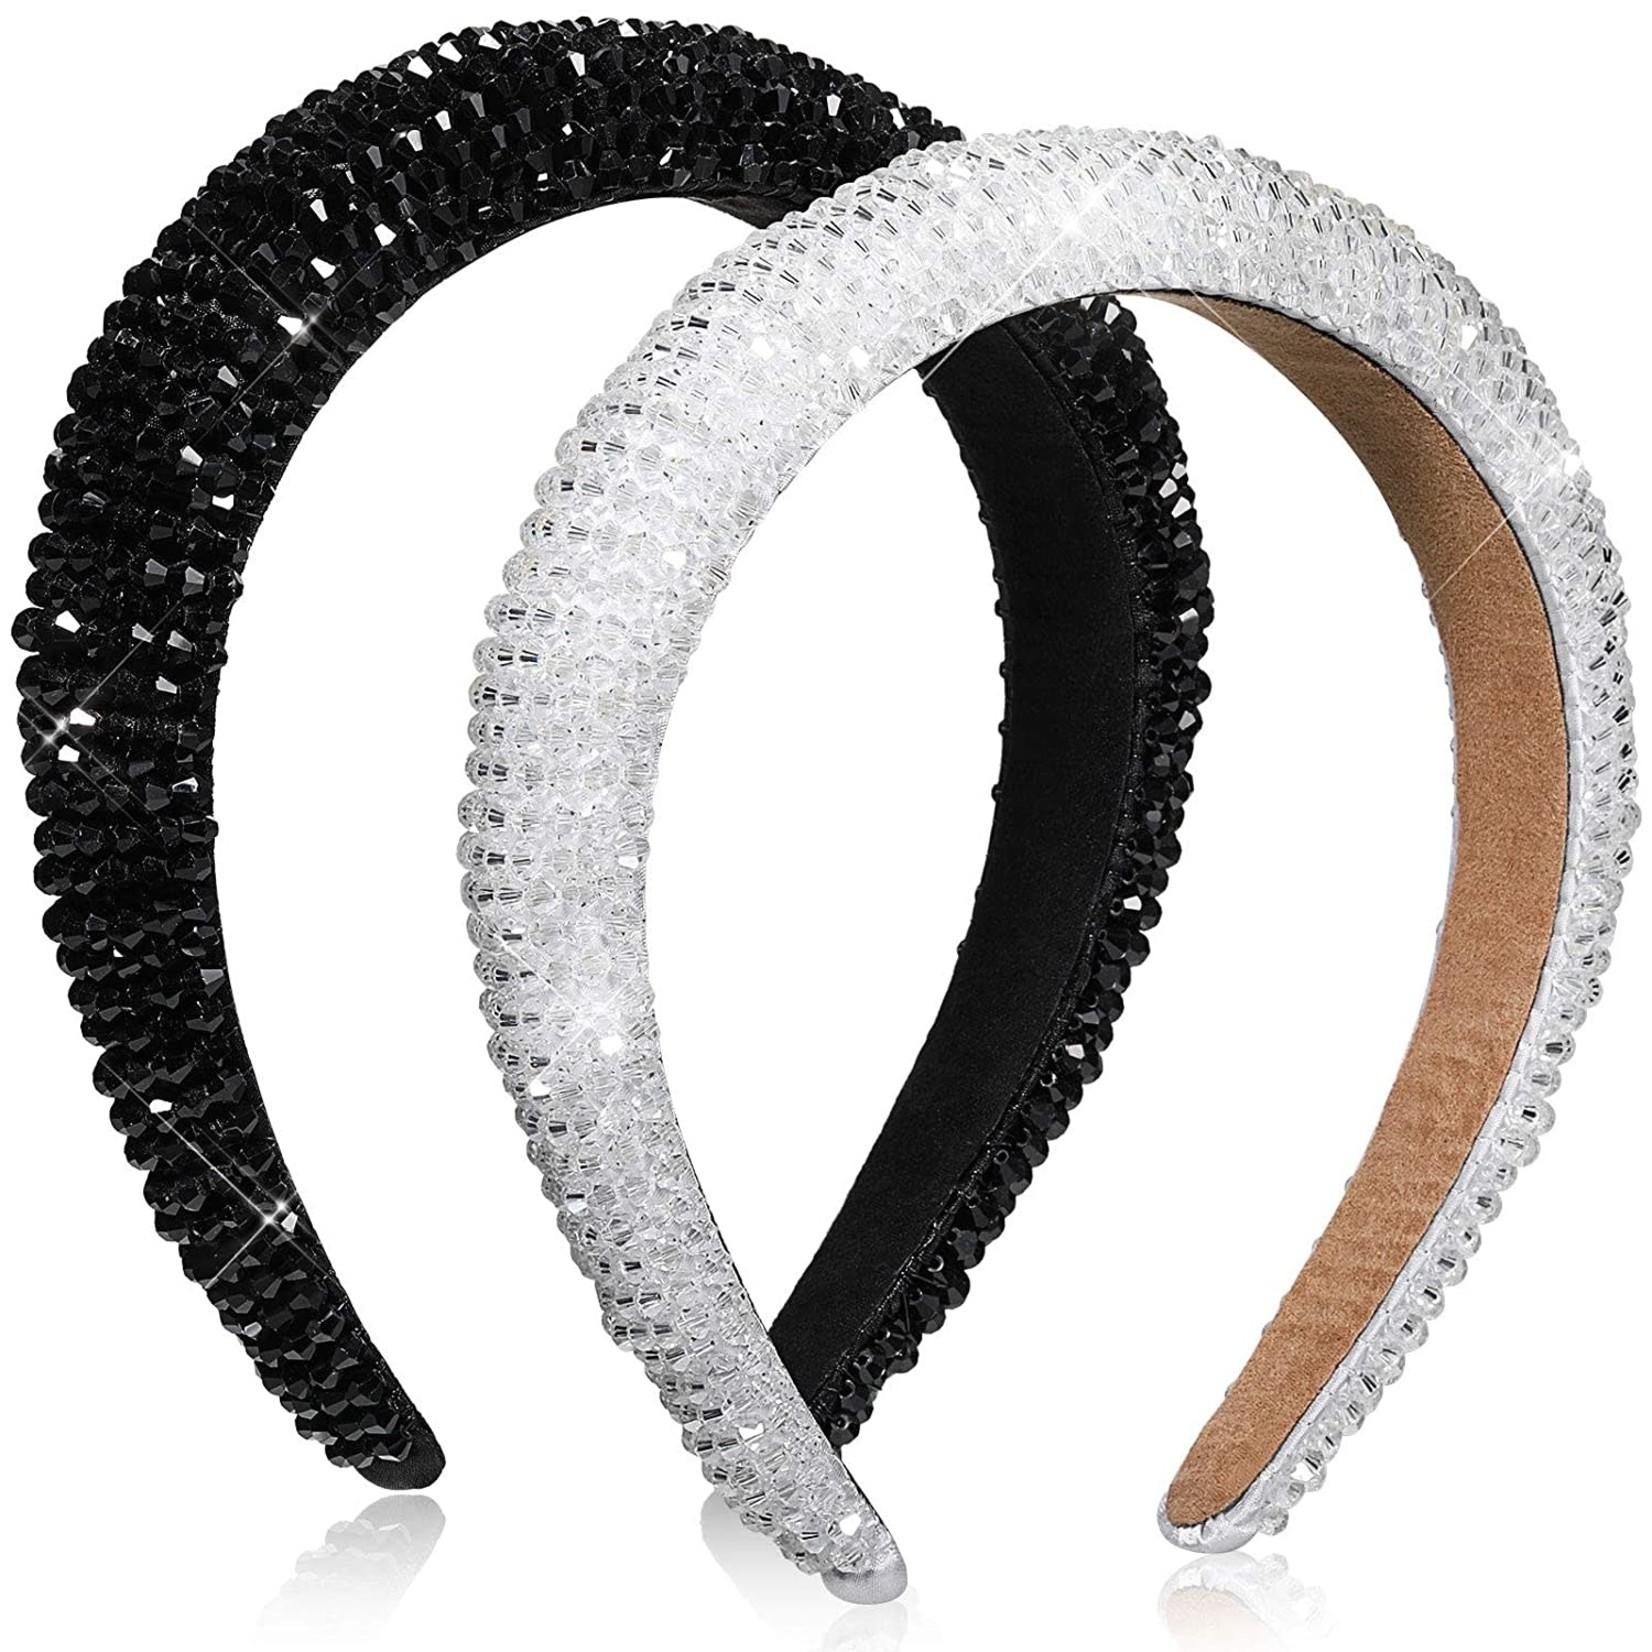 Crystal Beaded Wide Headband